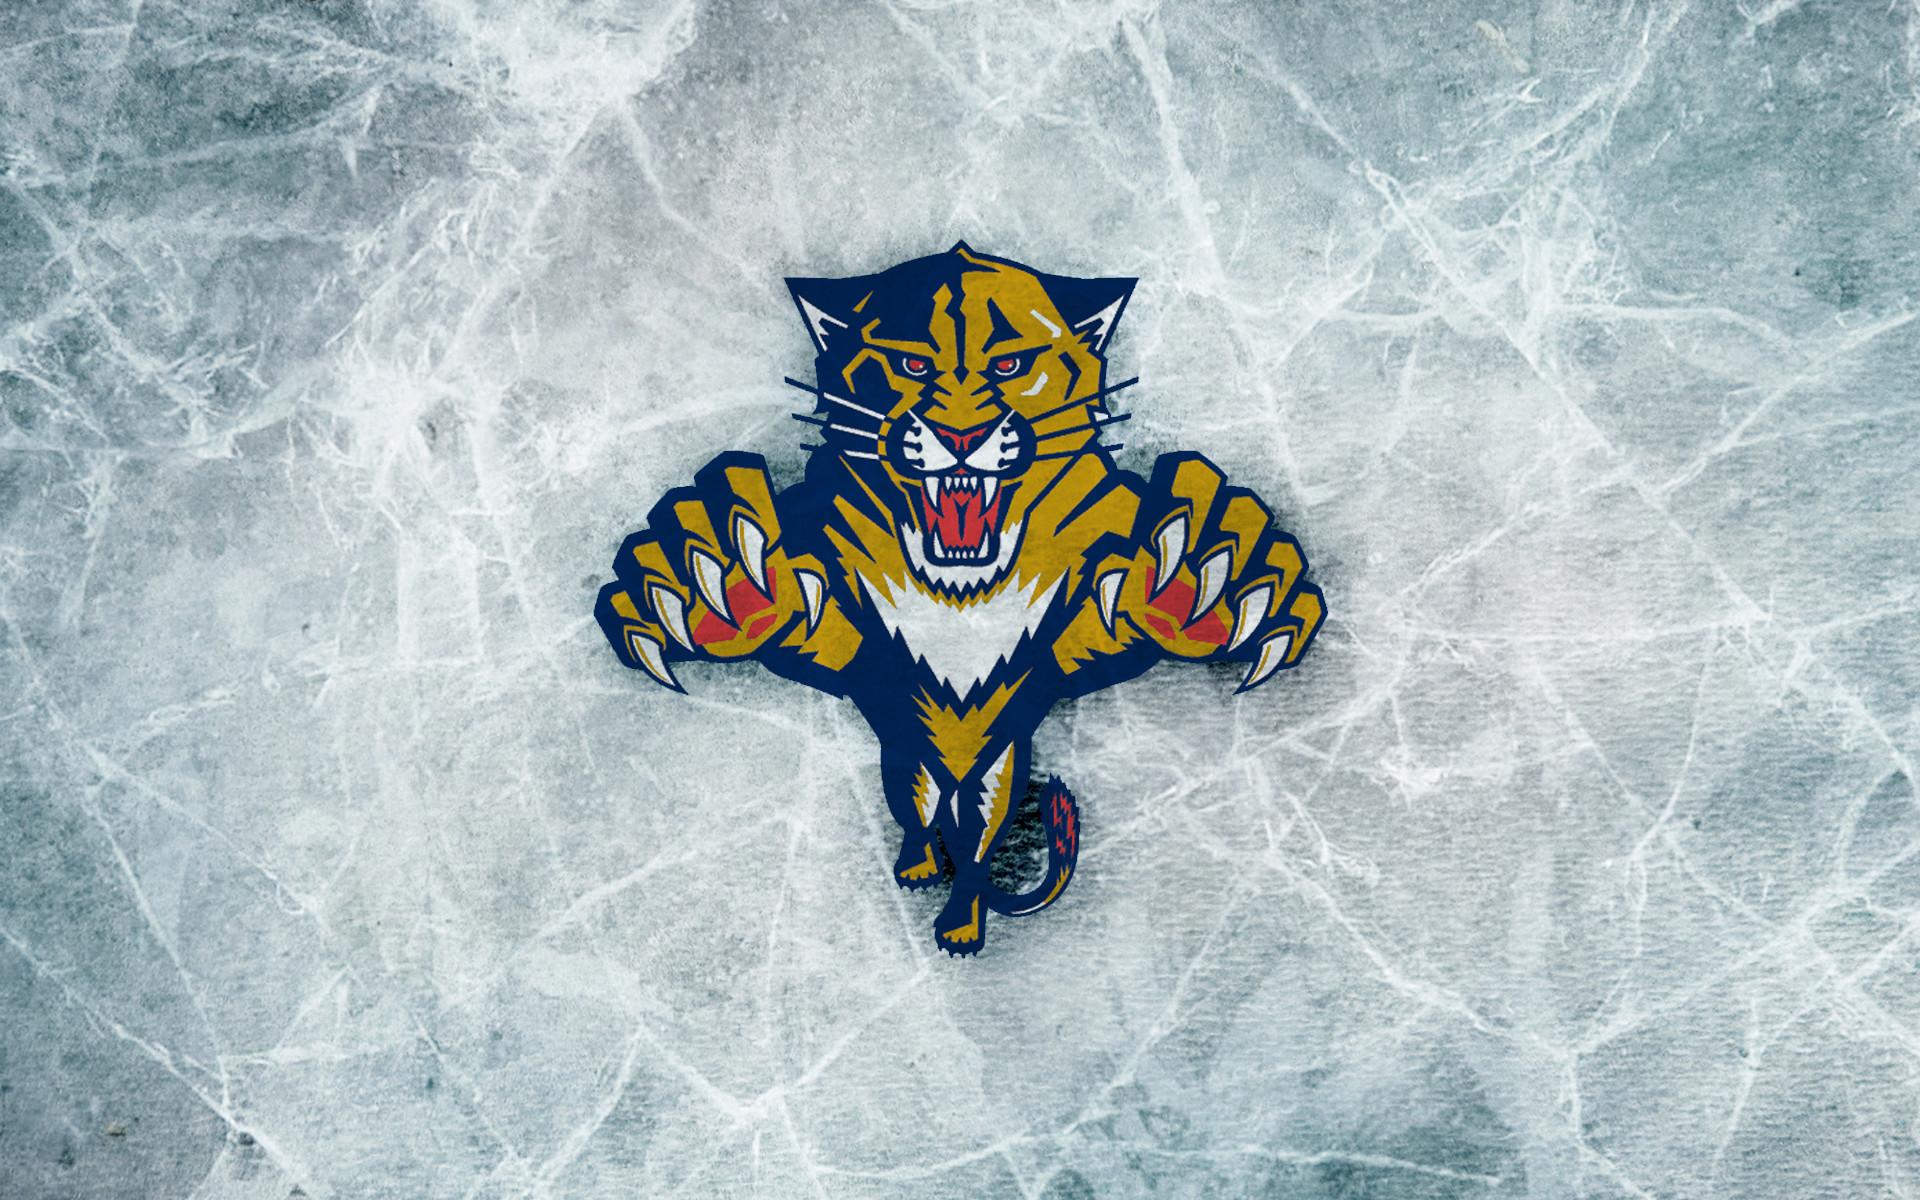 Florida Panthers Logo wallpaper – 636684